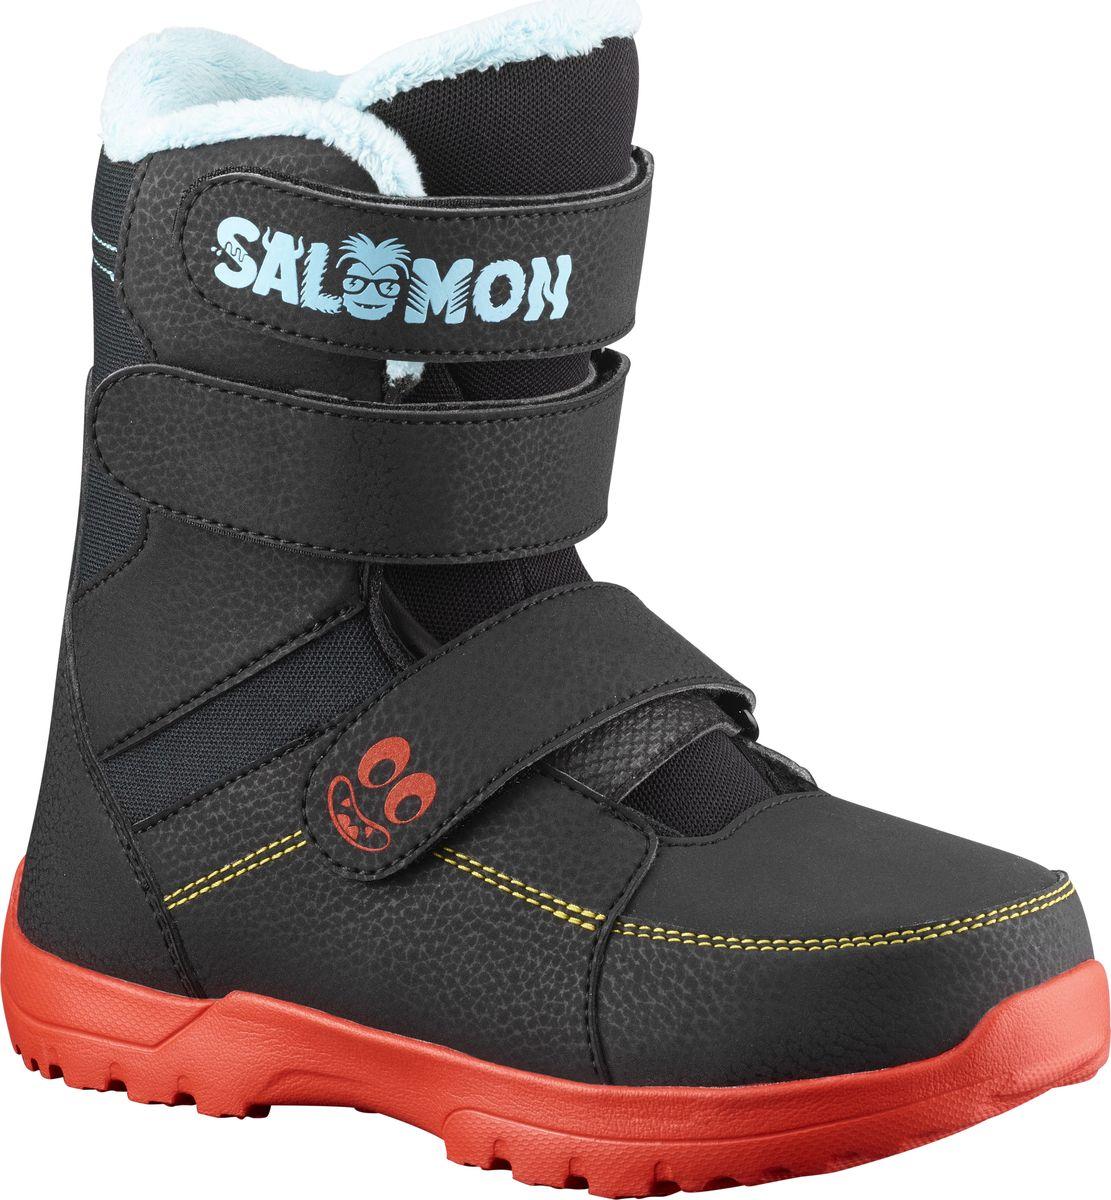 Ботинки для сноуборда Salomon Whipstar, цвет: черный. Размер 33 ботинки для сноуборда salomon faction rtl цвет черный желтый размер 29 5 45